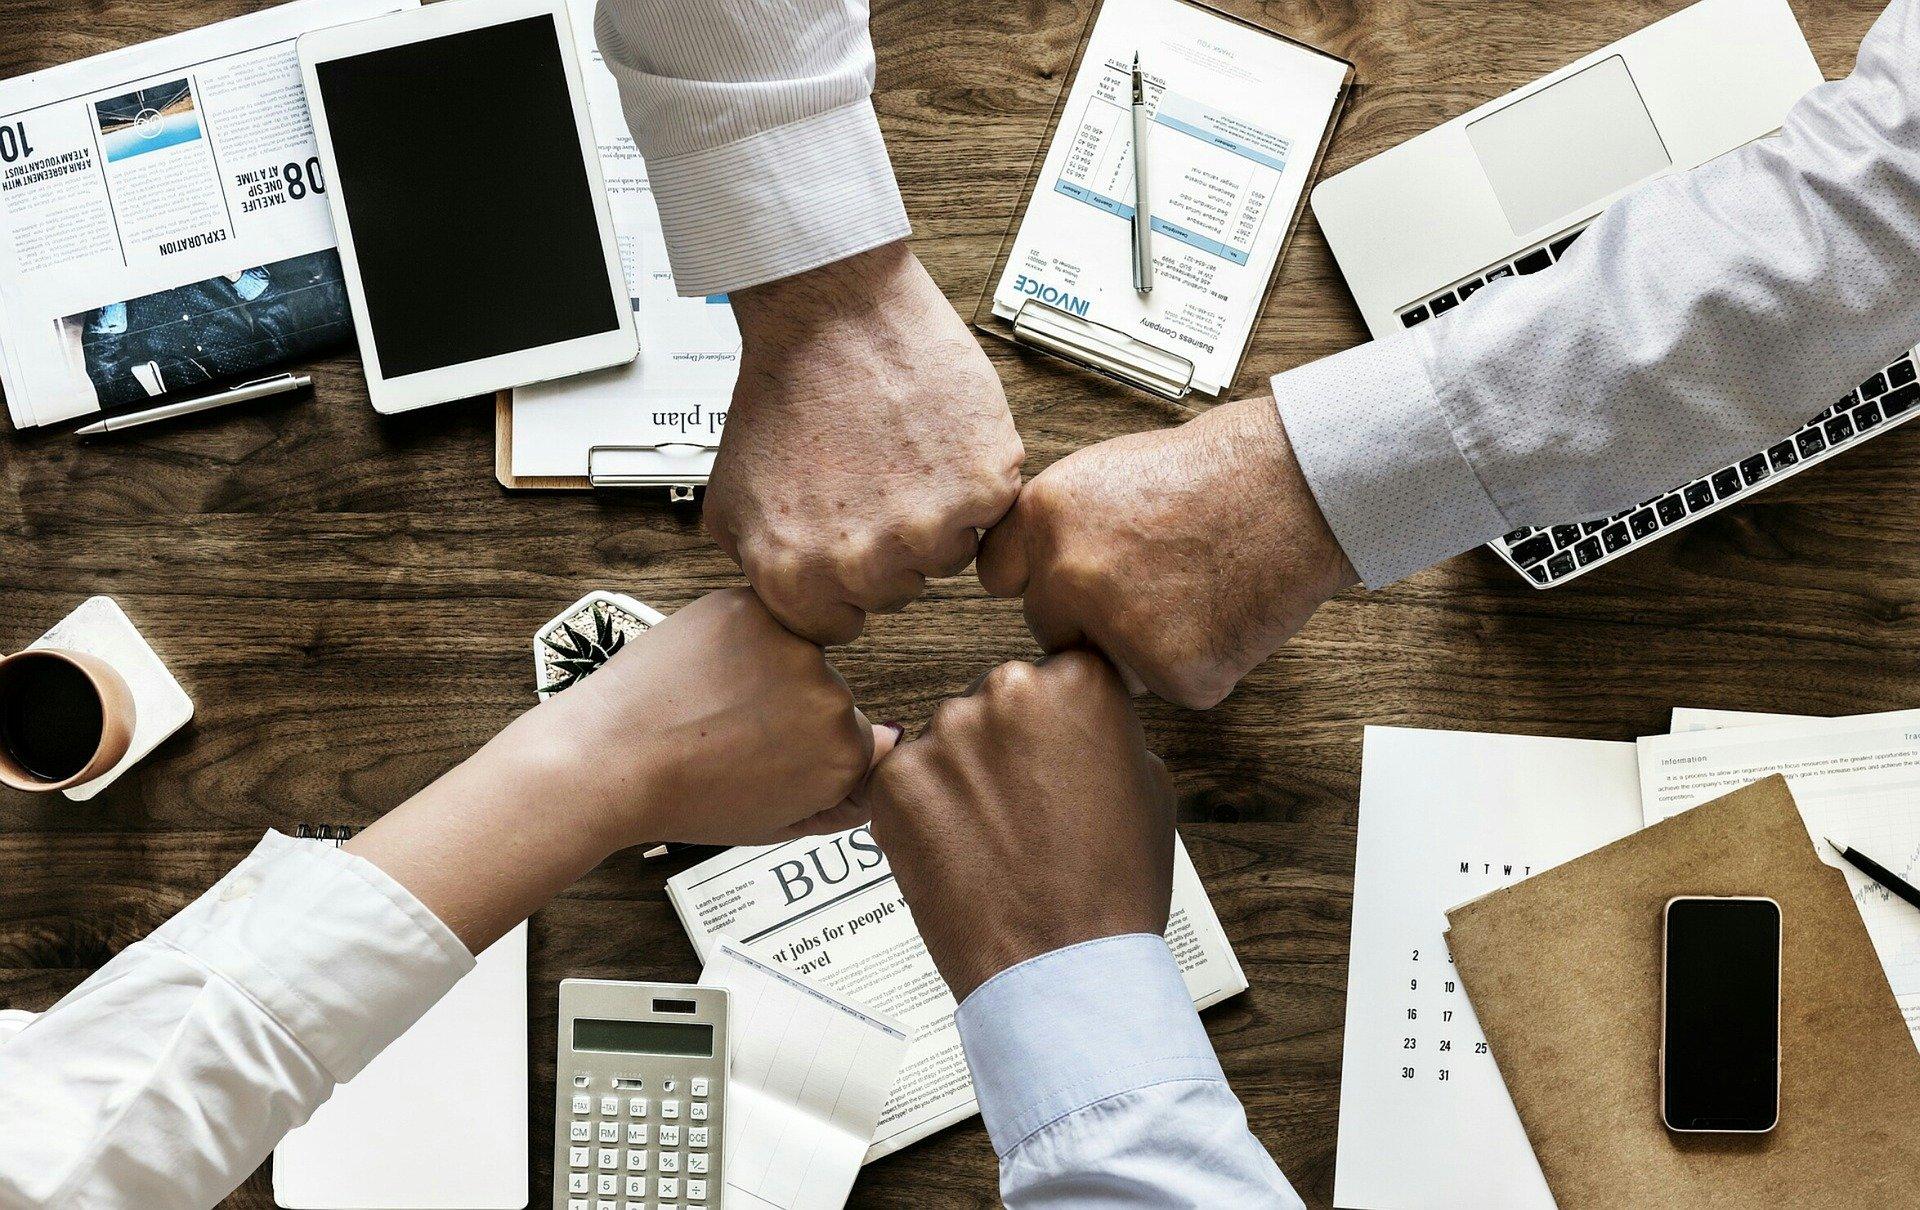 Zusammenarbeit wird bei DO24 groß geschrieben.